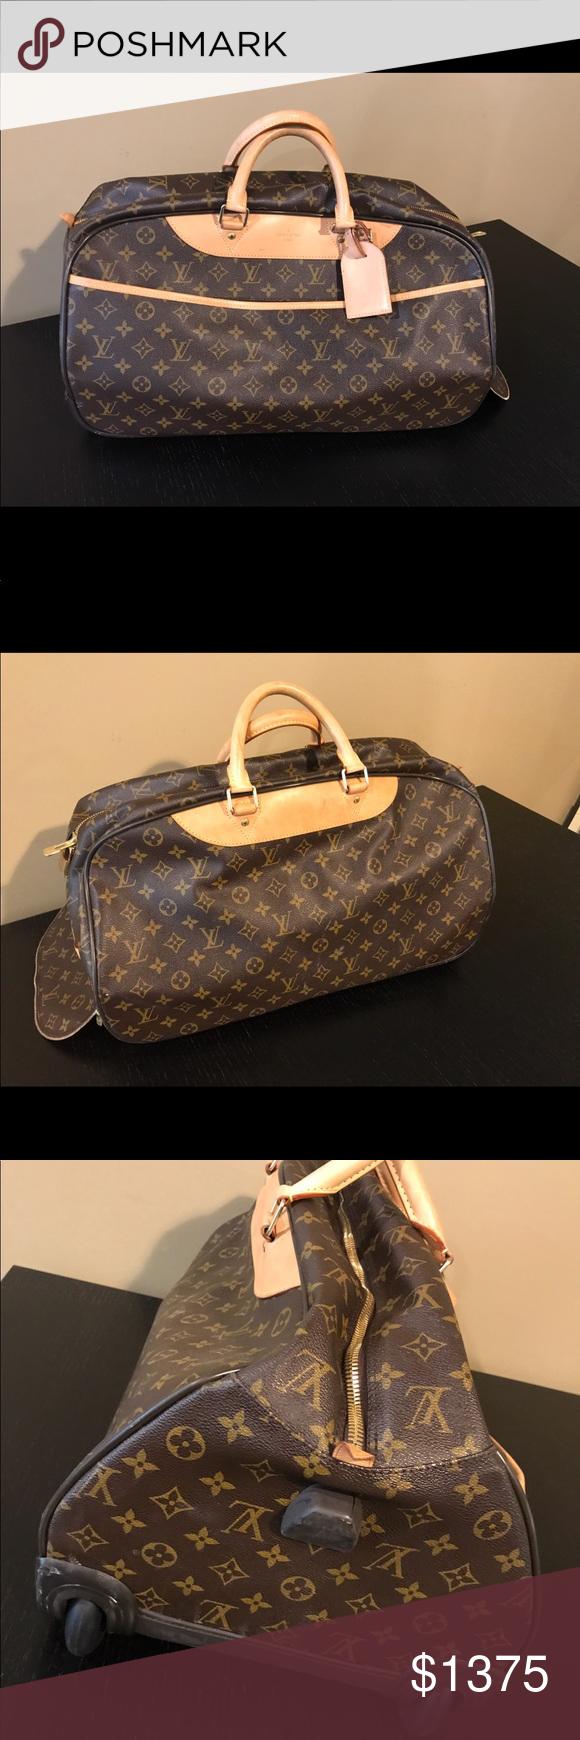 6fc0d4d33b7f Louis Vuitton Eole Monogram Rolling Duffle Bag